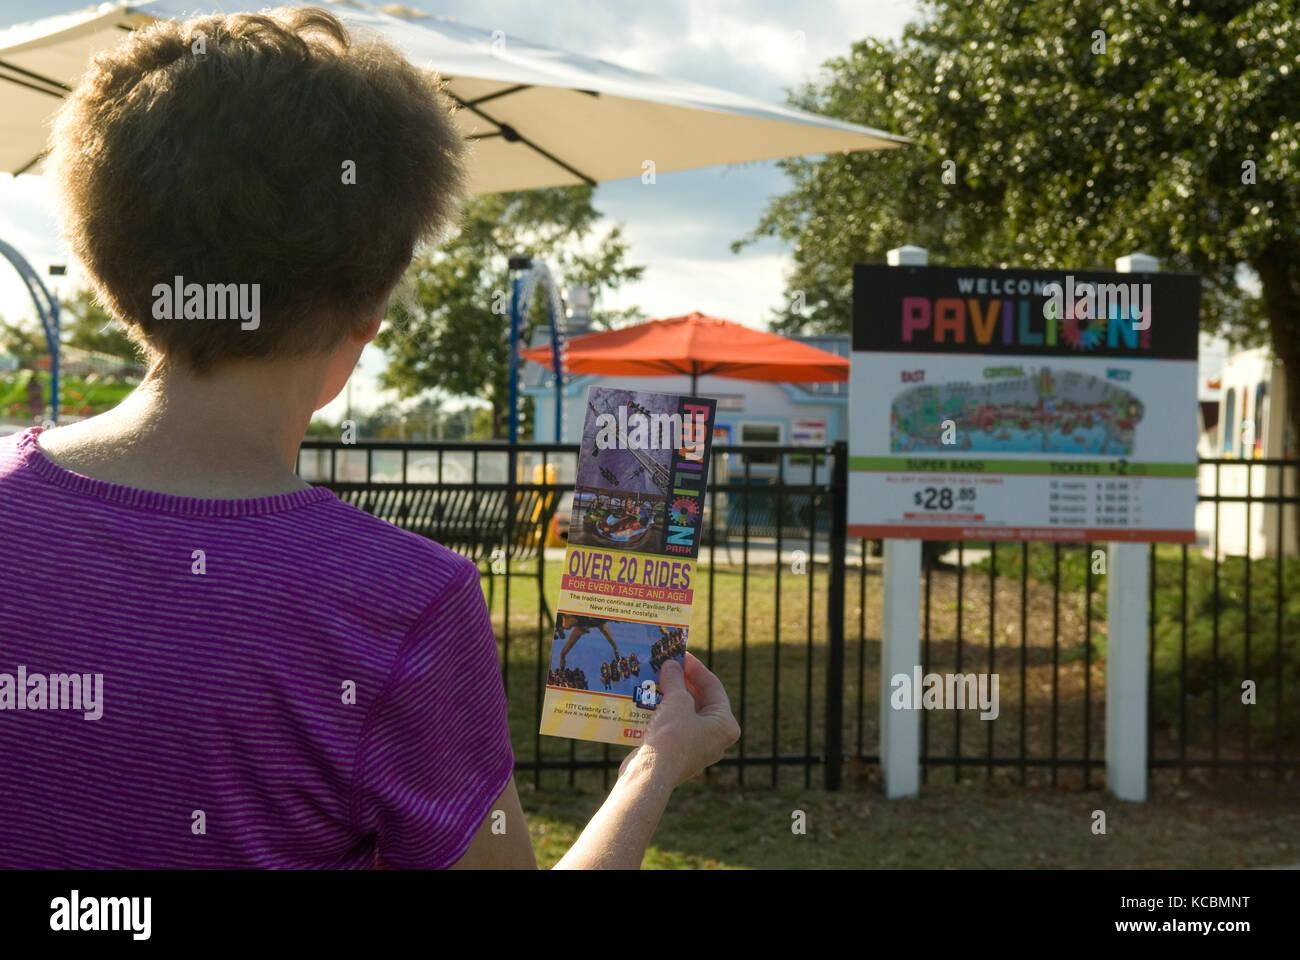 Woman holding brochure Parc Pavilion Myrtle Beach SC, USA. Photo Stock